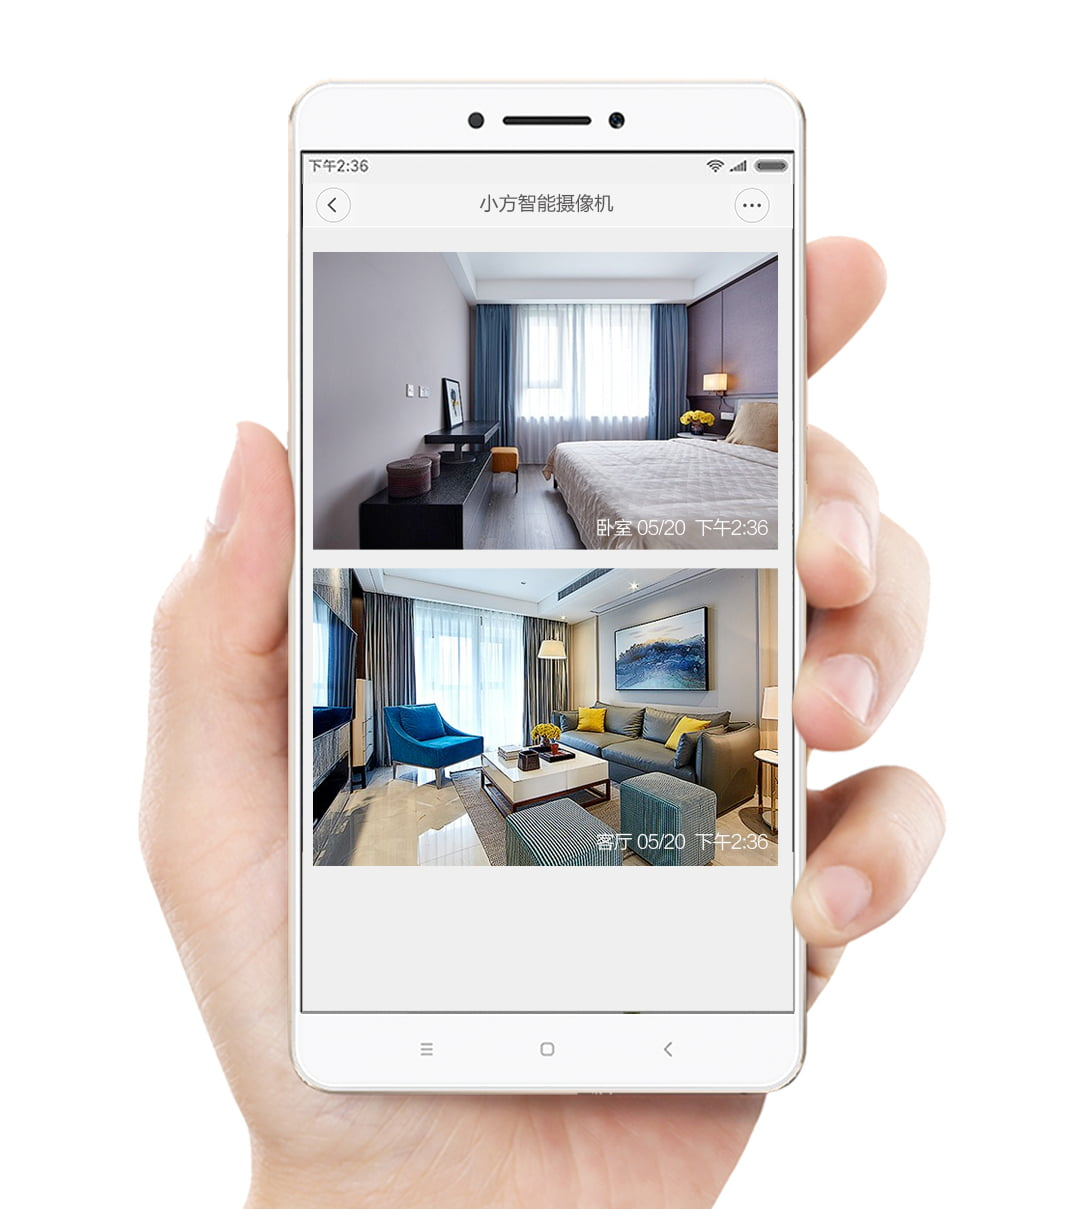 camera ip xiaomfang mini square thong minh xiaomi 1080p 6007d4baed7fc